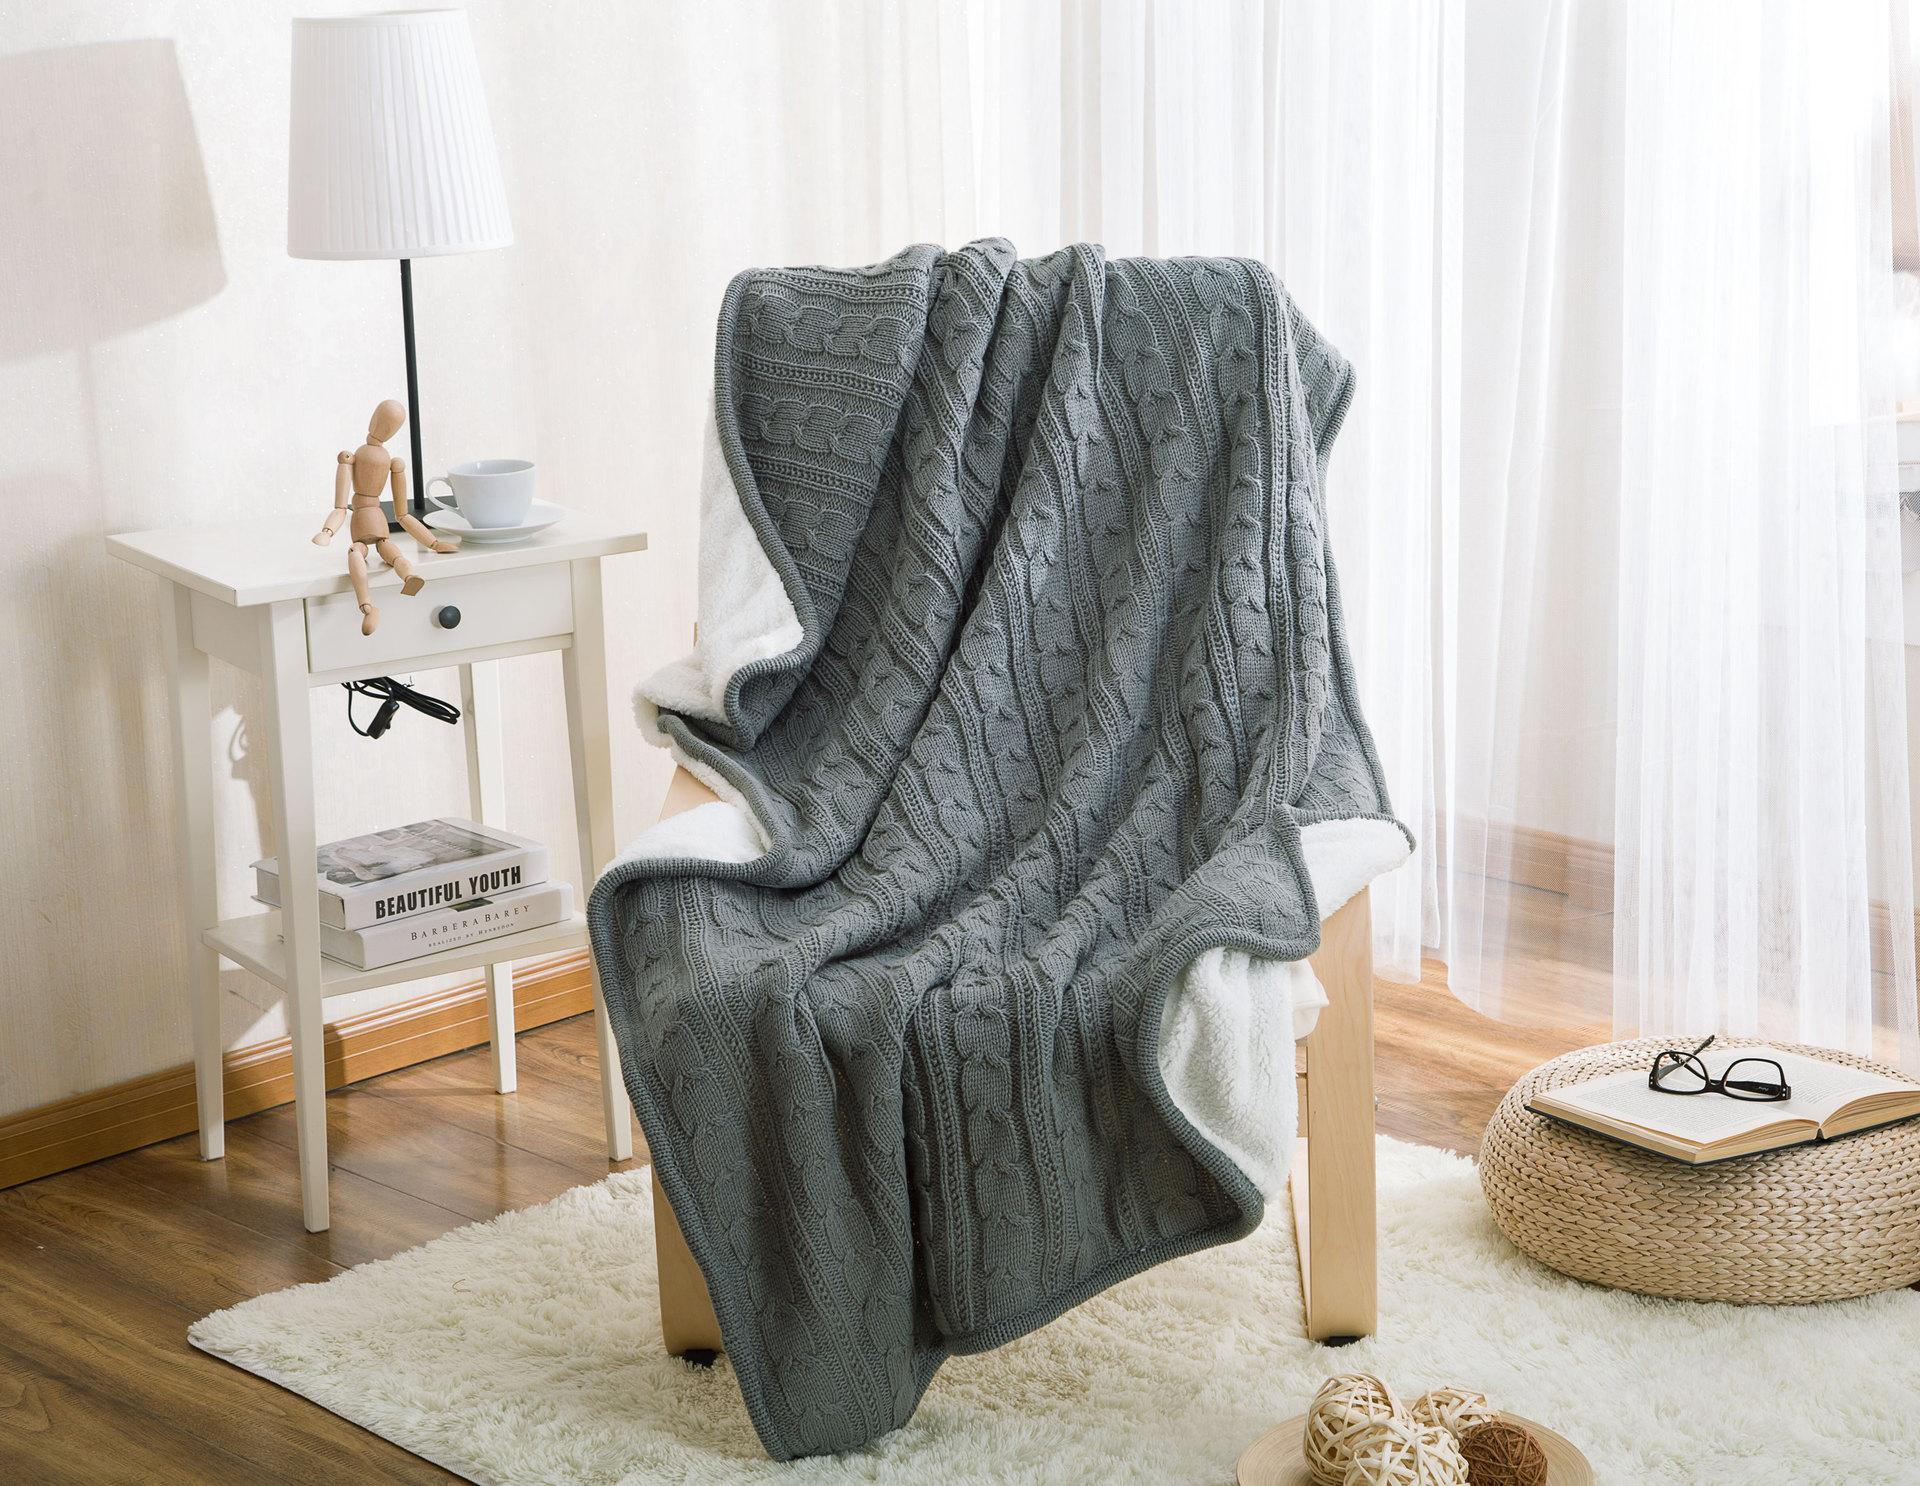 100% хлопок, высокое качество, овечье вельветовое одеяло, зимнее теплое вязаное шерстяное одеяло, диван/покрывало для кровати, одеяло, вязаное... - 3